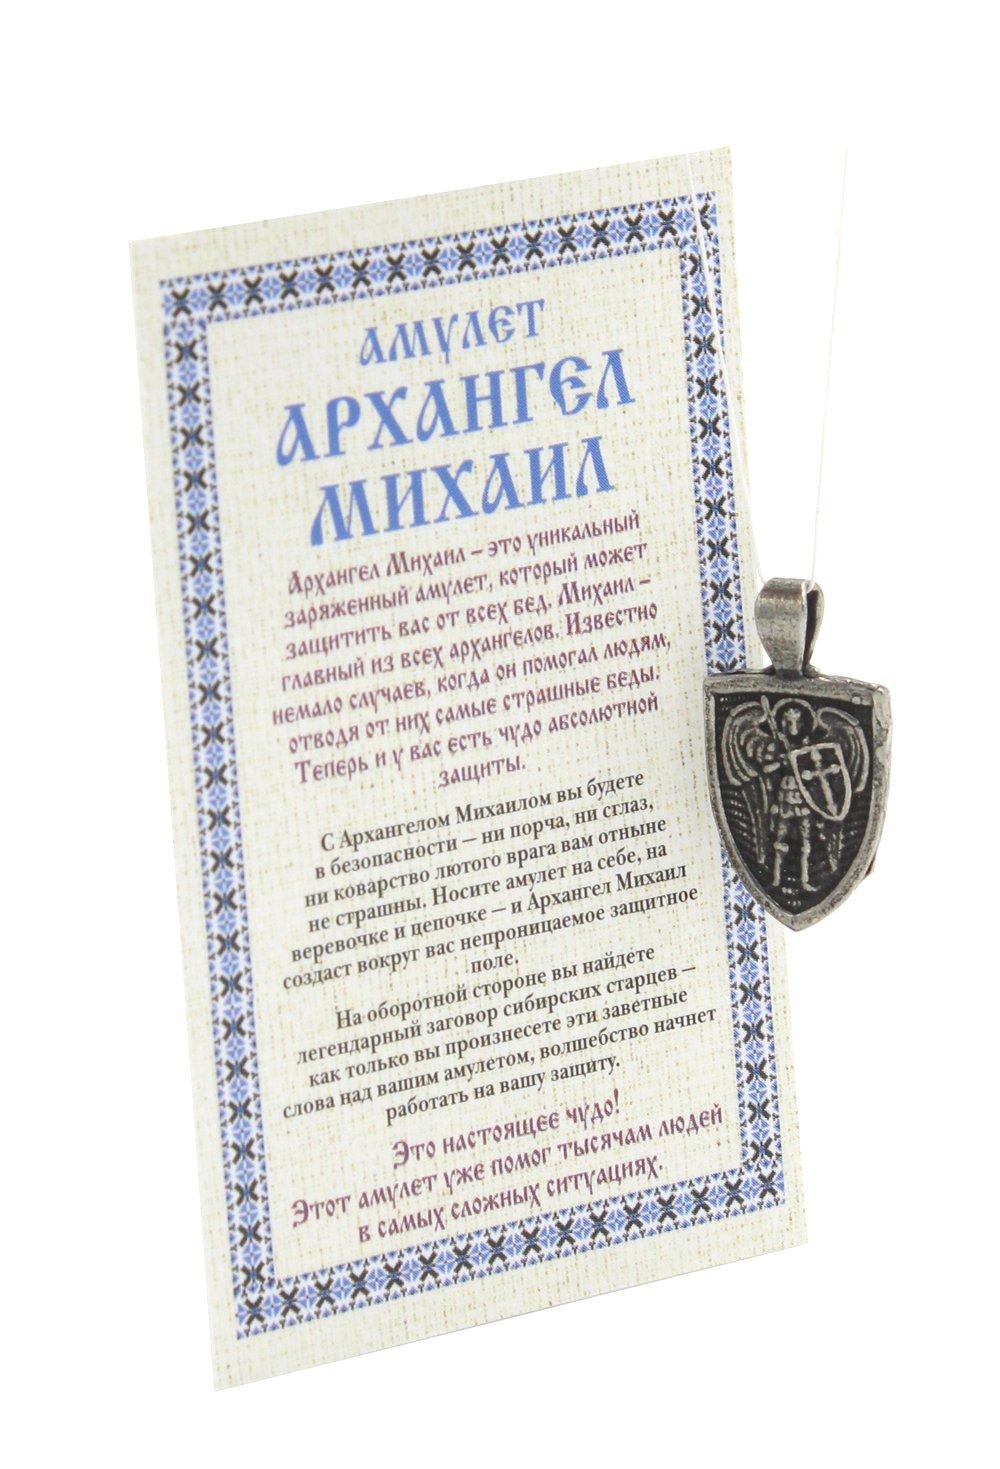 Архангел Михаил